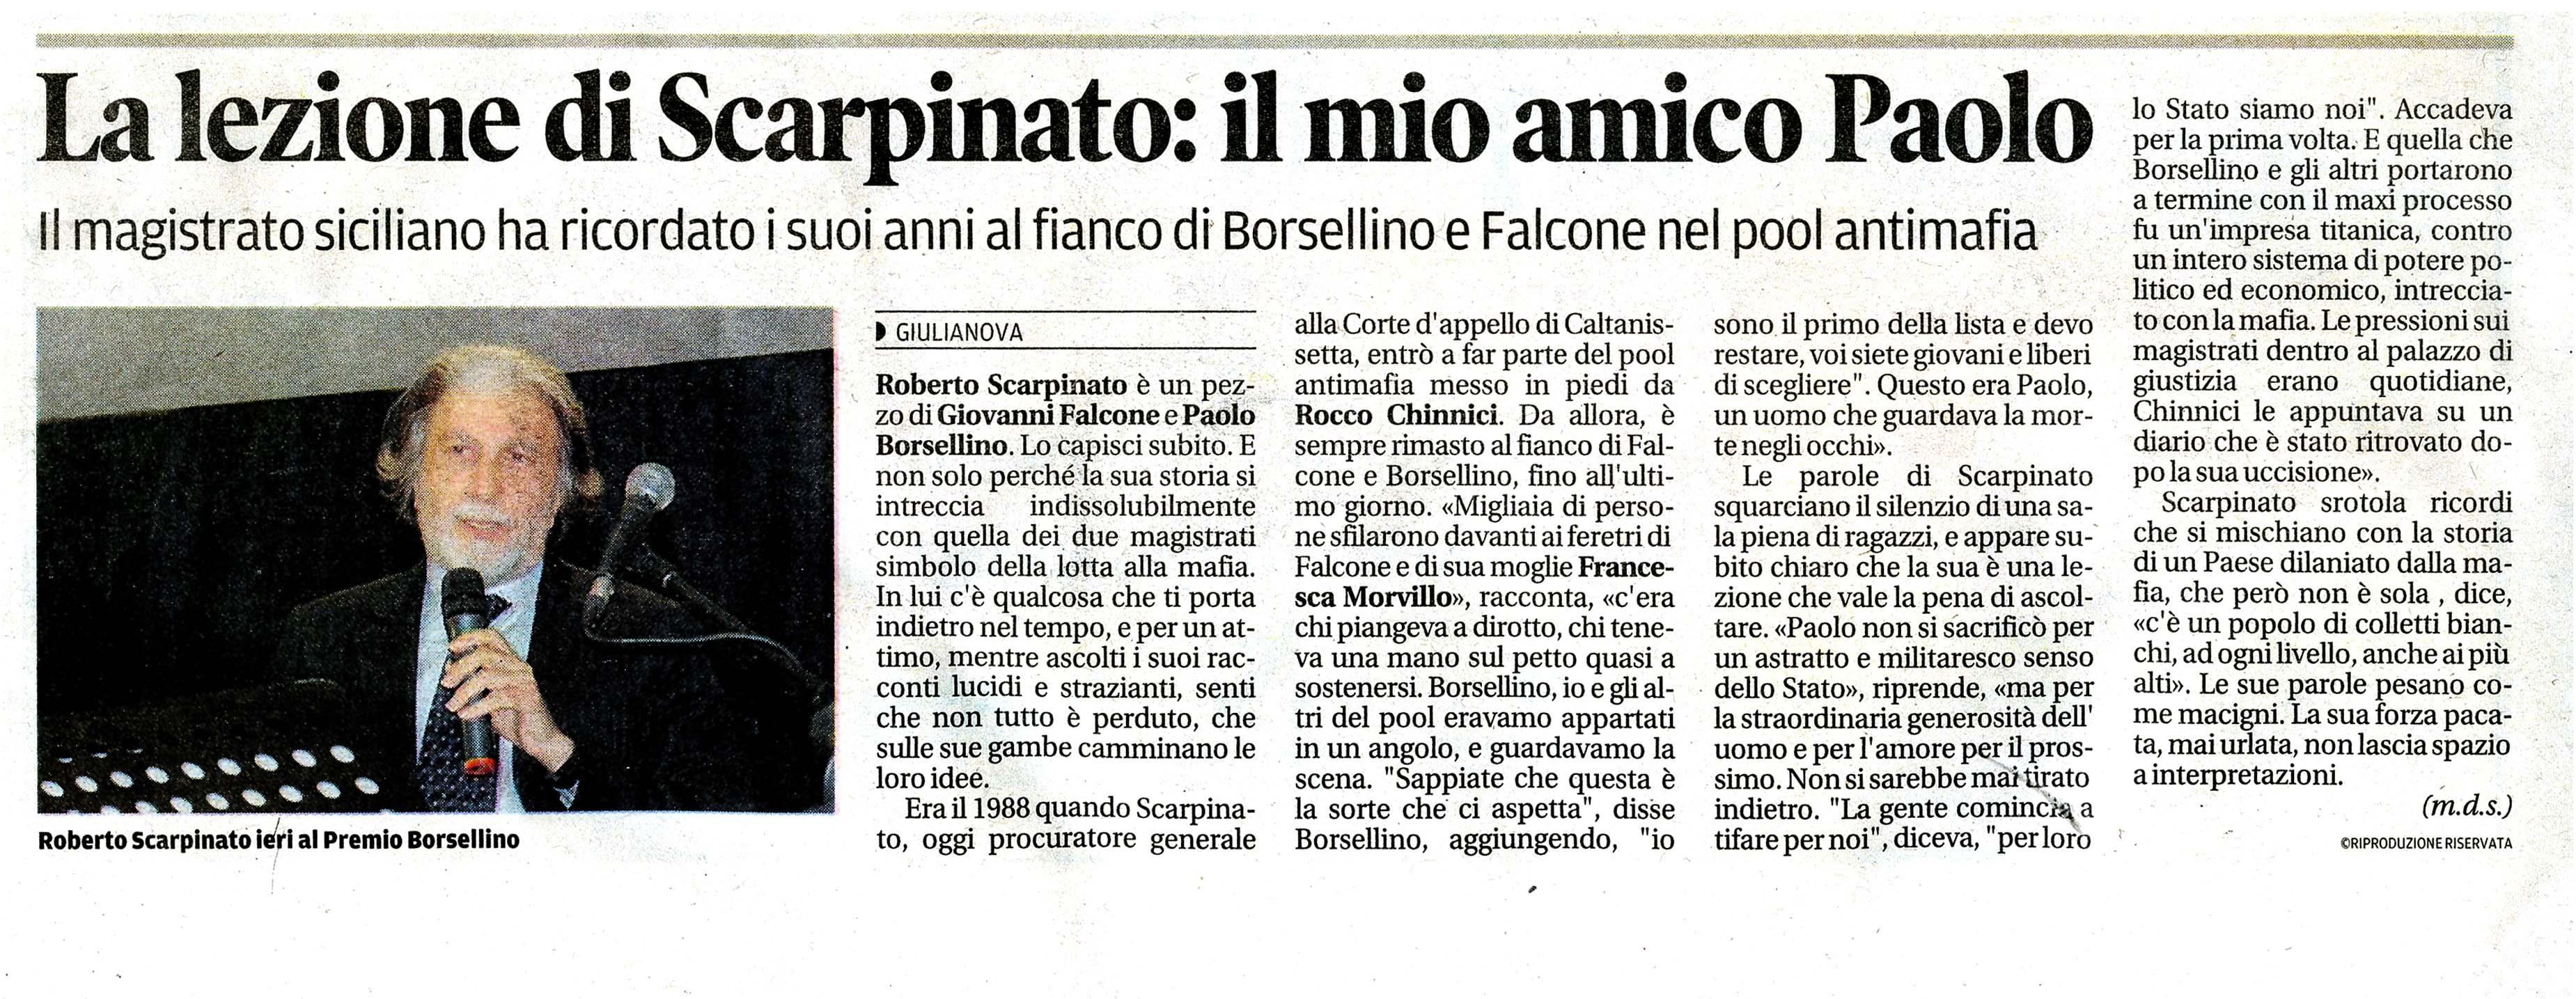 articolo_scarpinato